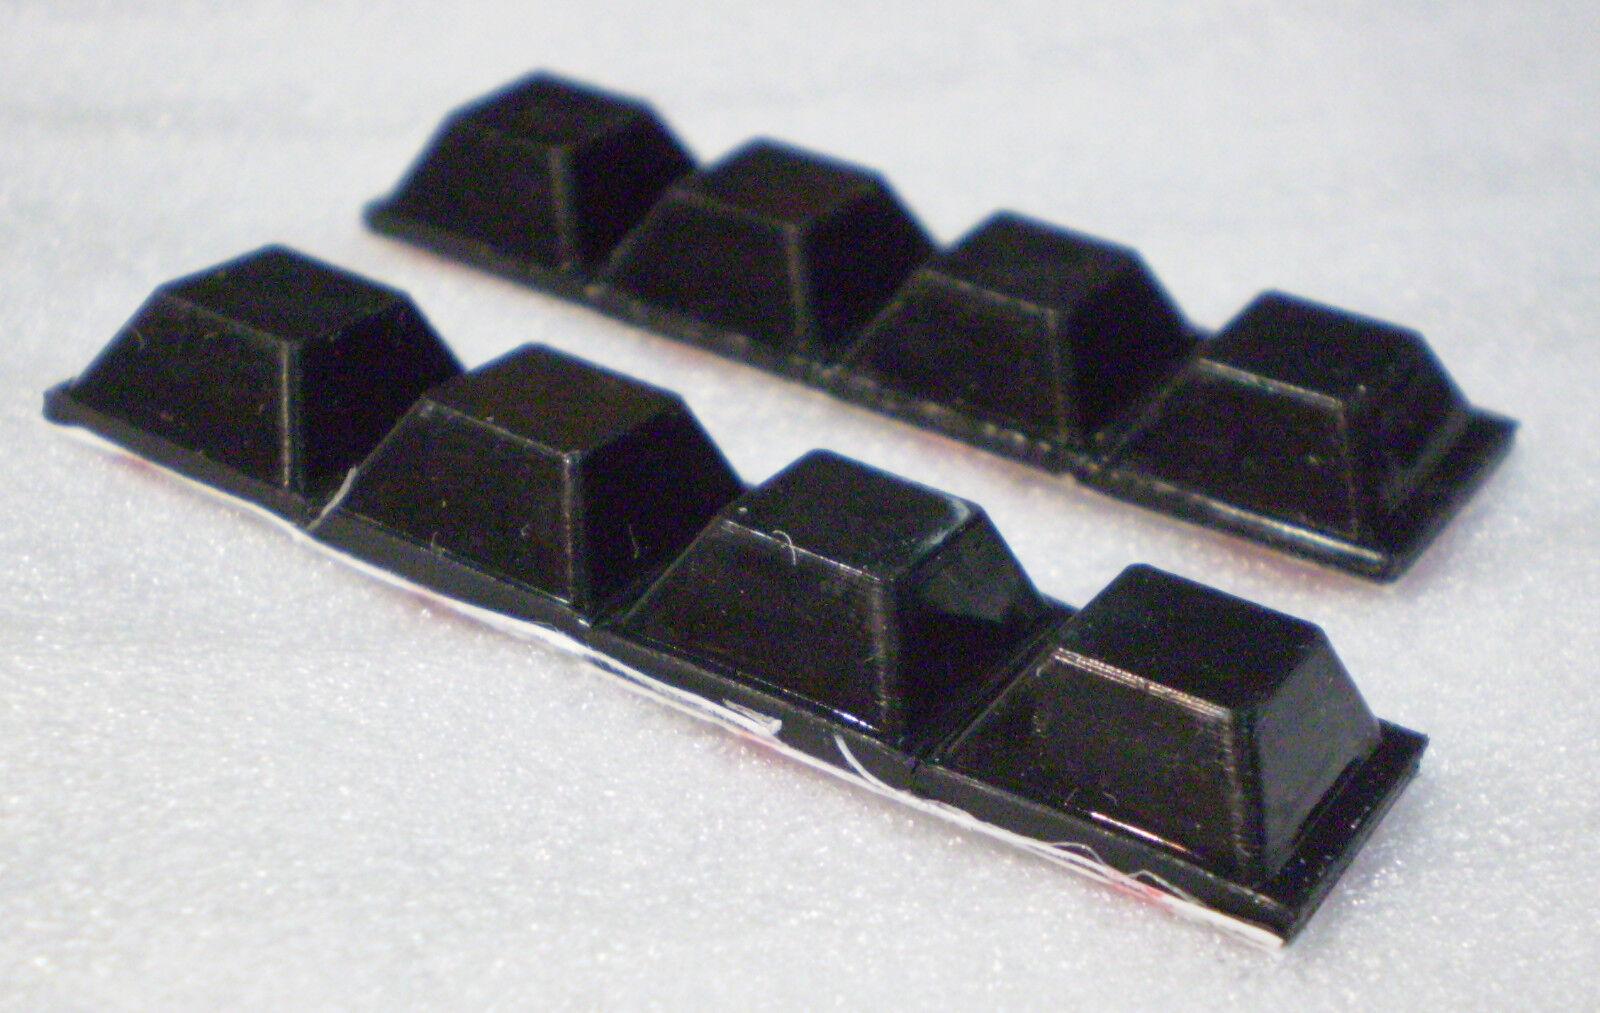 8 X SCHWINGUNGSDÄMPFER LAUTSPRECHER FÜßE FÜSSE ENTKOPPLER ABSORBER BOXENFÜSSE